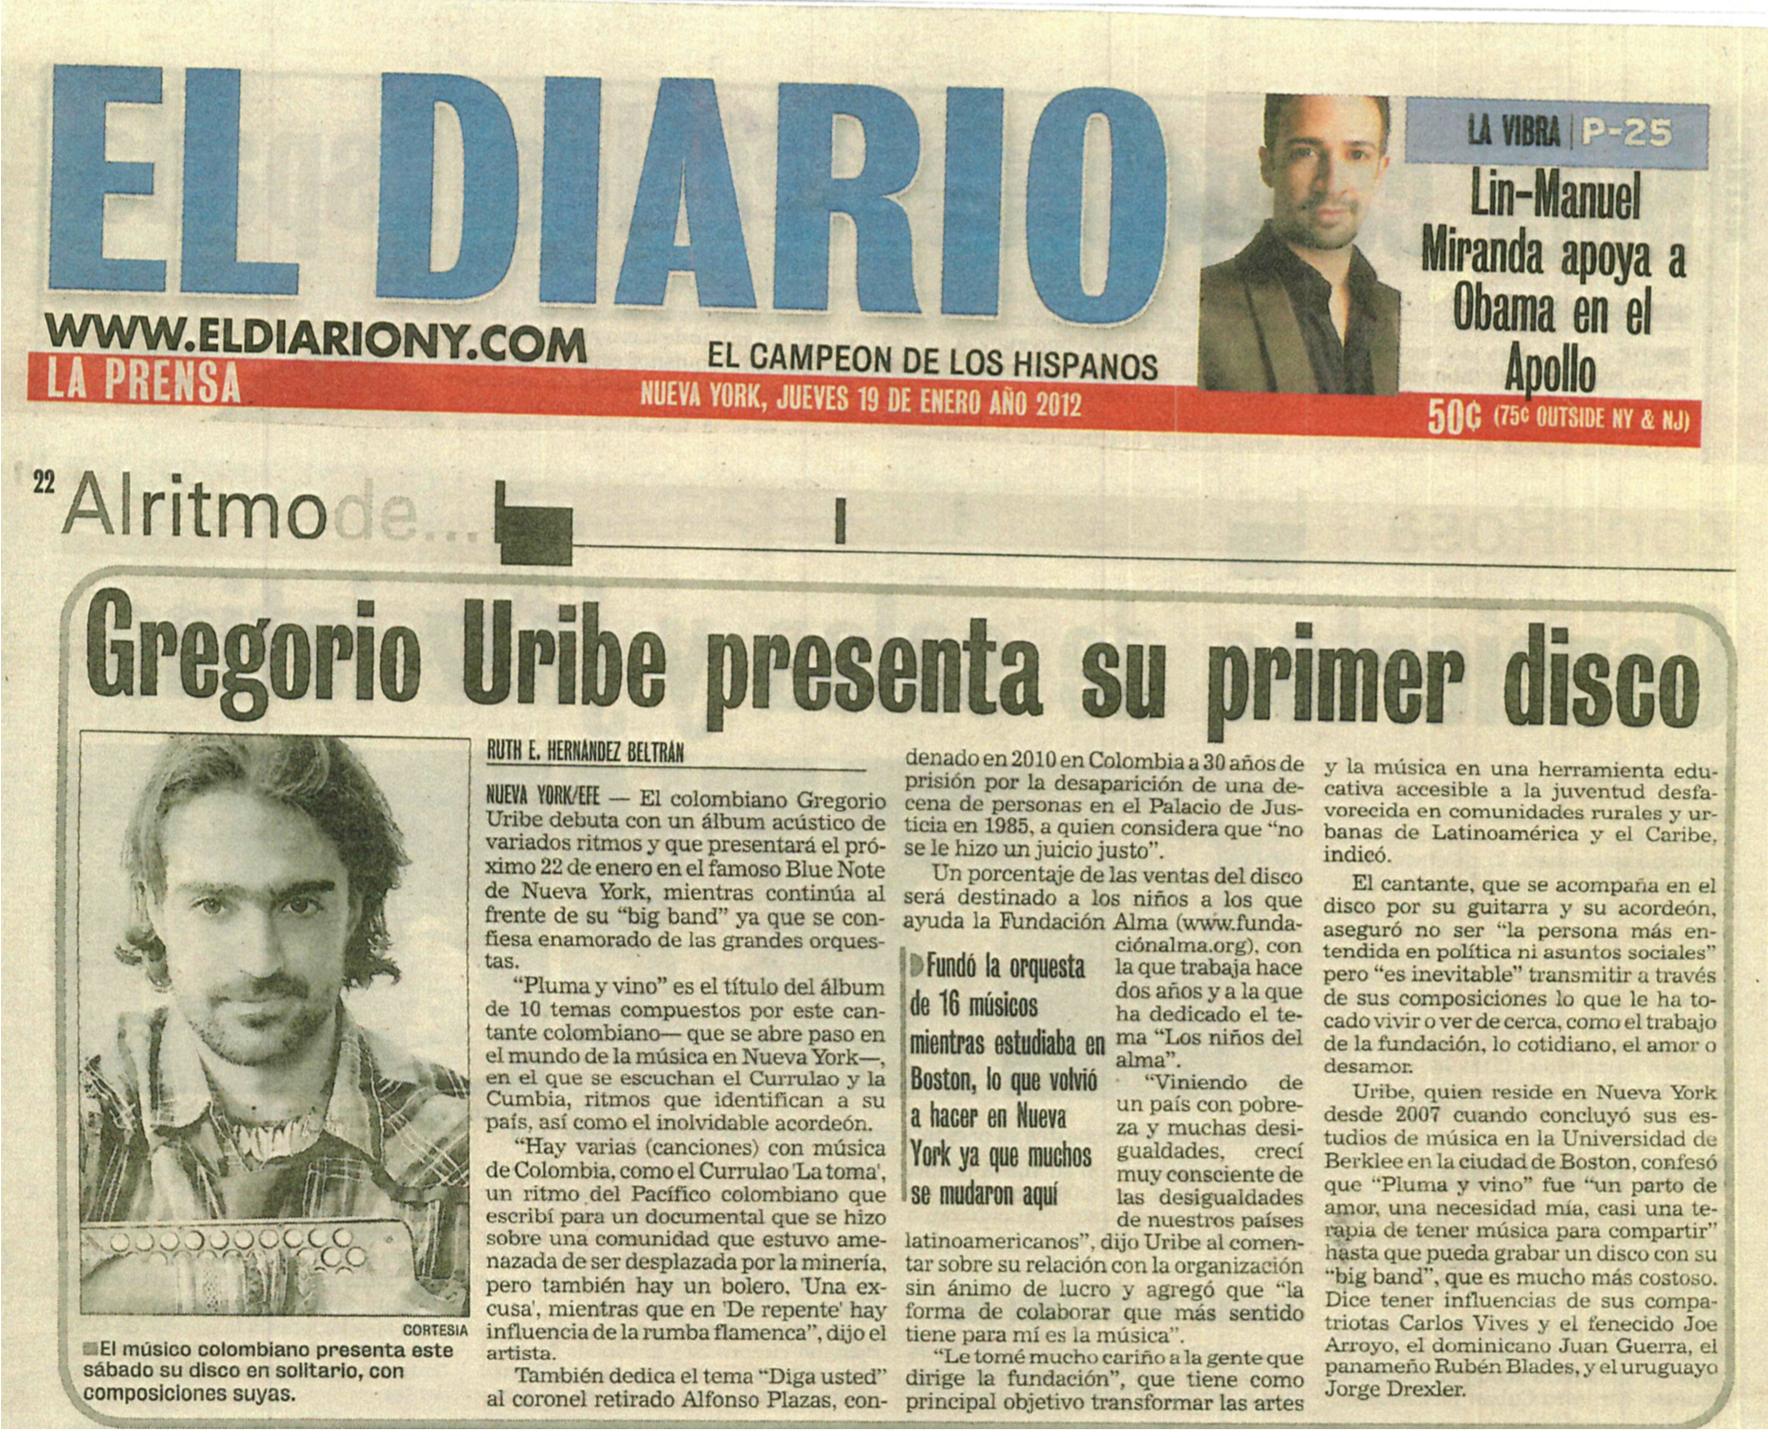 El Diario - New York